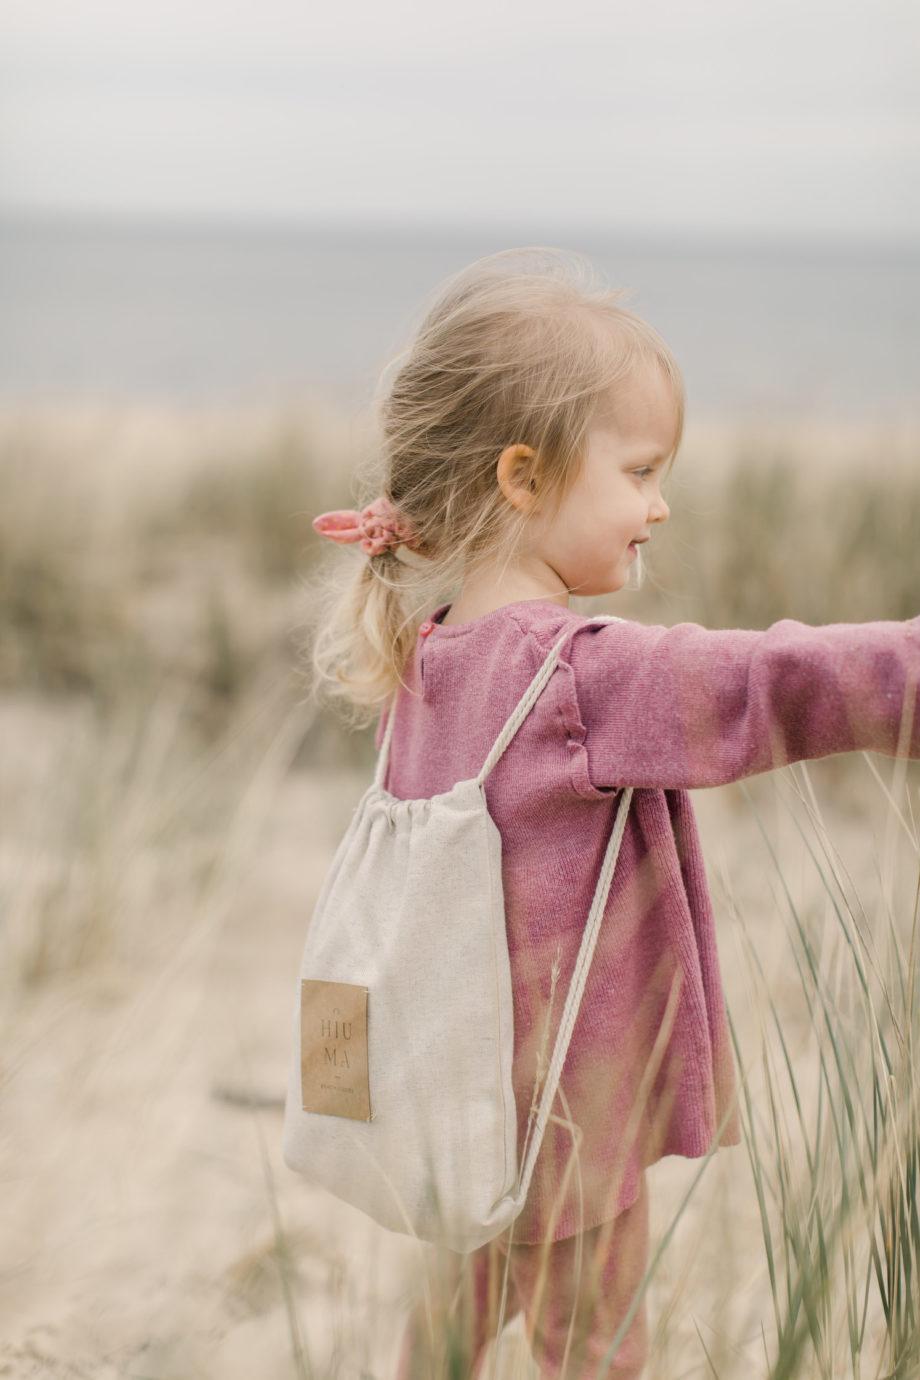 lniany plecak dla dziecka, plecak na plażę dla dziecka